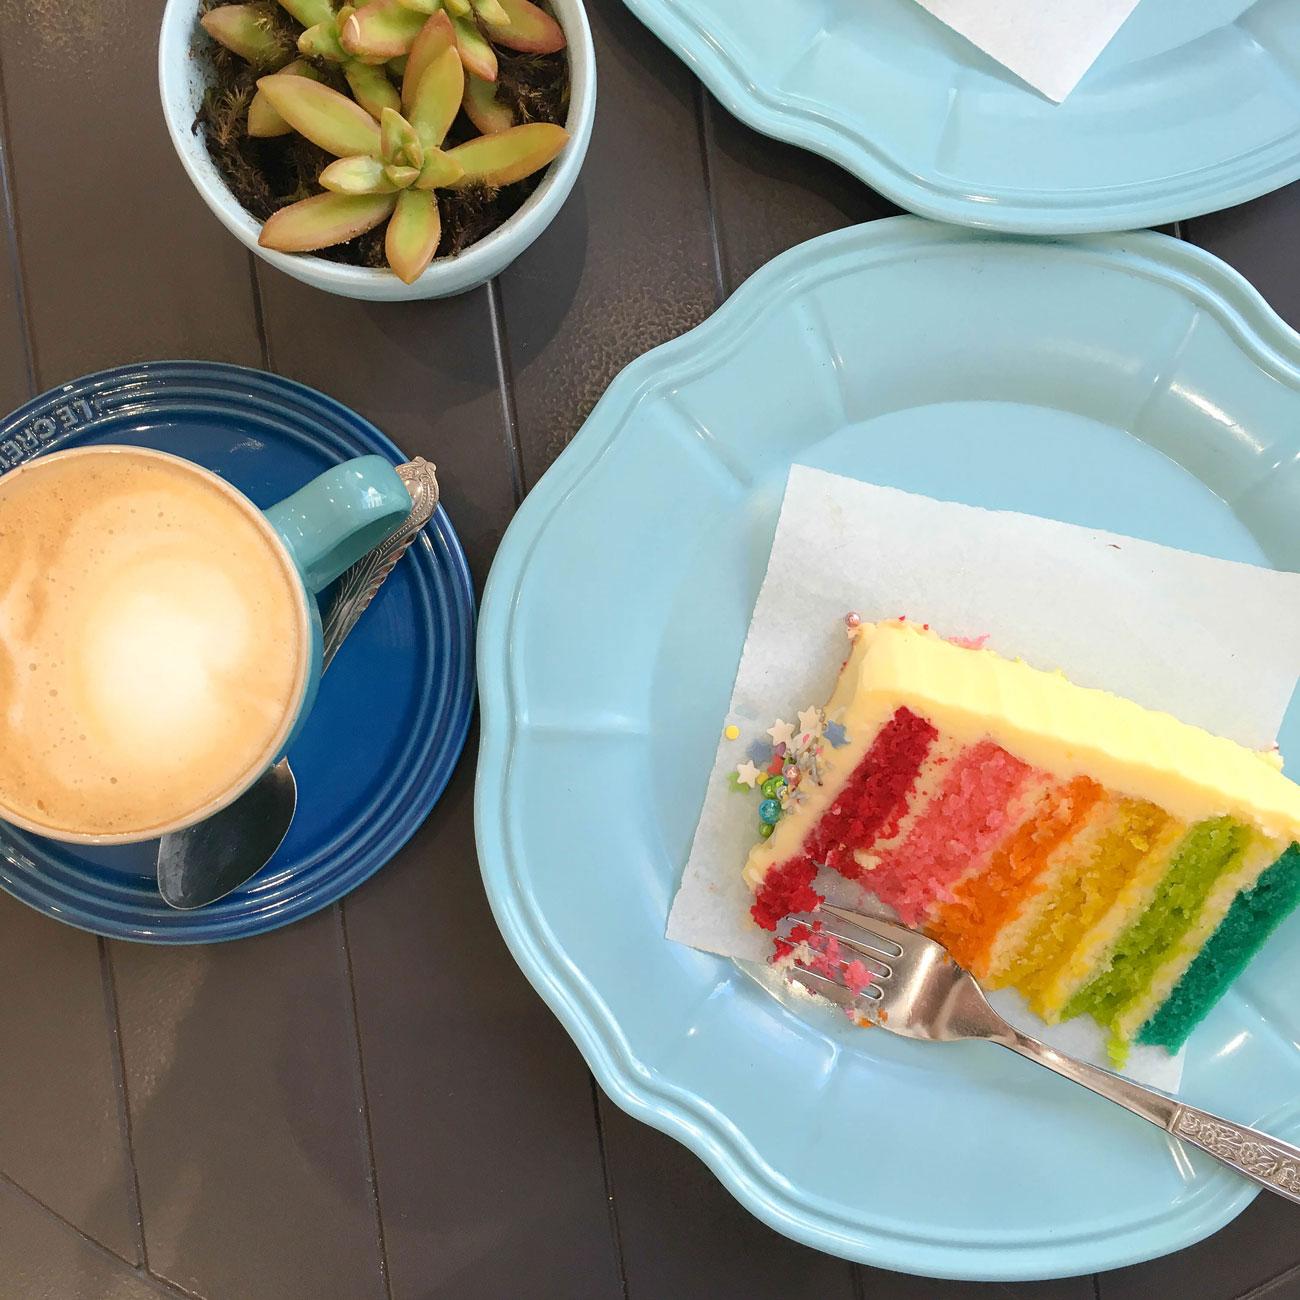 cake-restaurants-in-cape-town.jpg